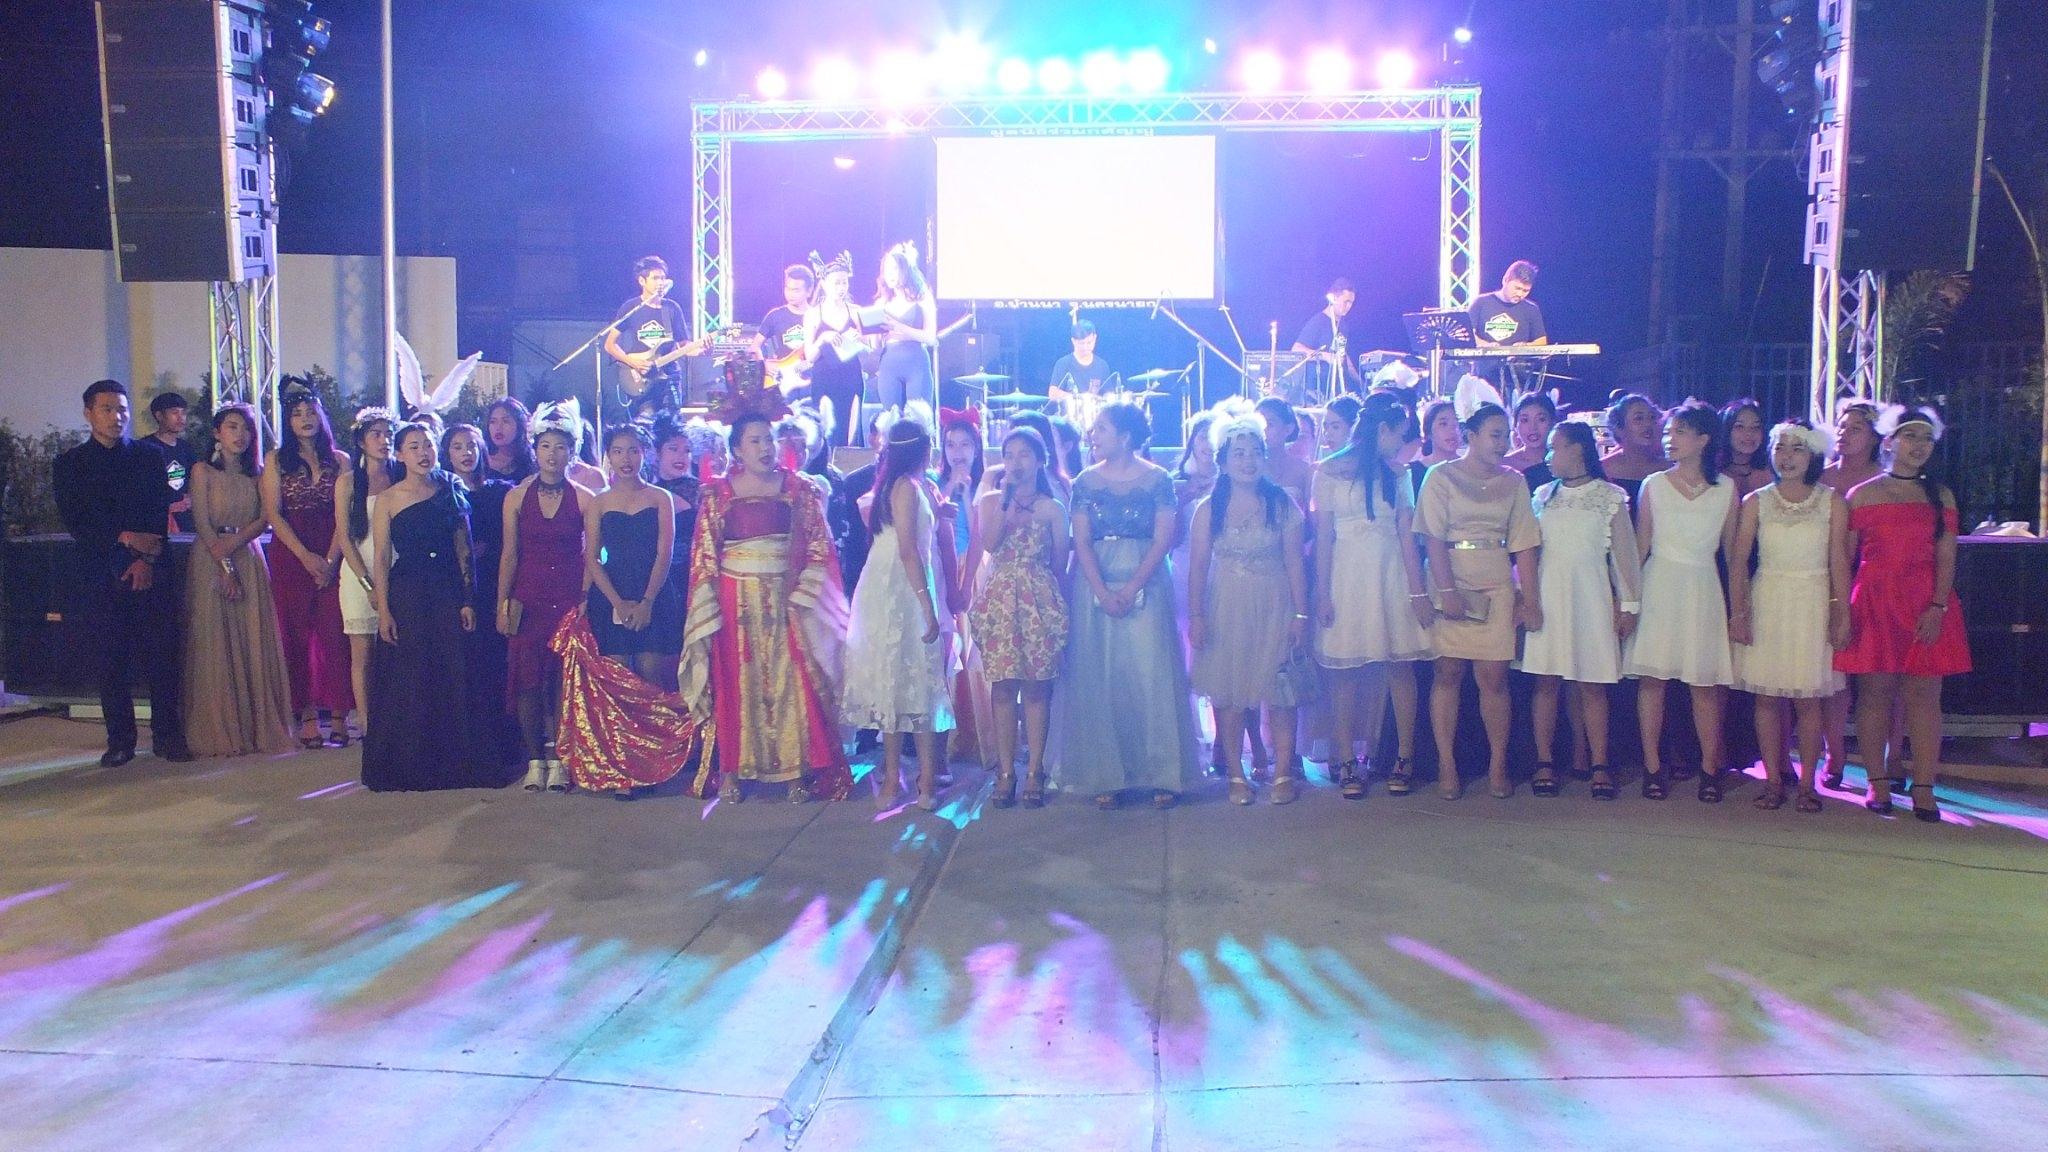 บรรยากาศงานแสดงความยินดีกับนักศึกษาที่สำเร็จการศึกษาประจำปี 2559  ( Deity Bye Nior 2017 )